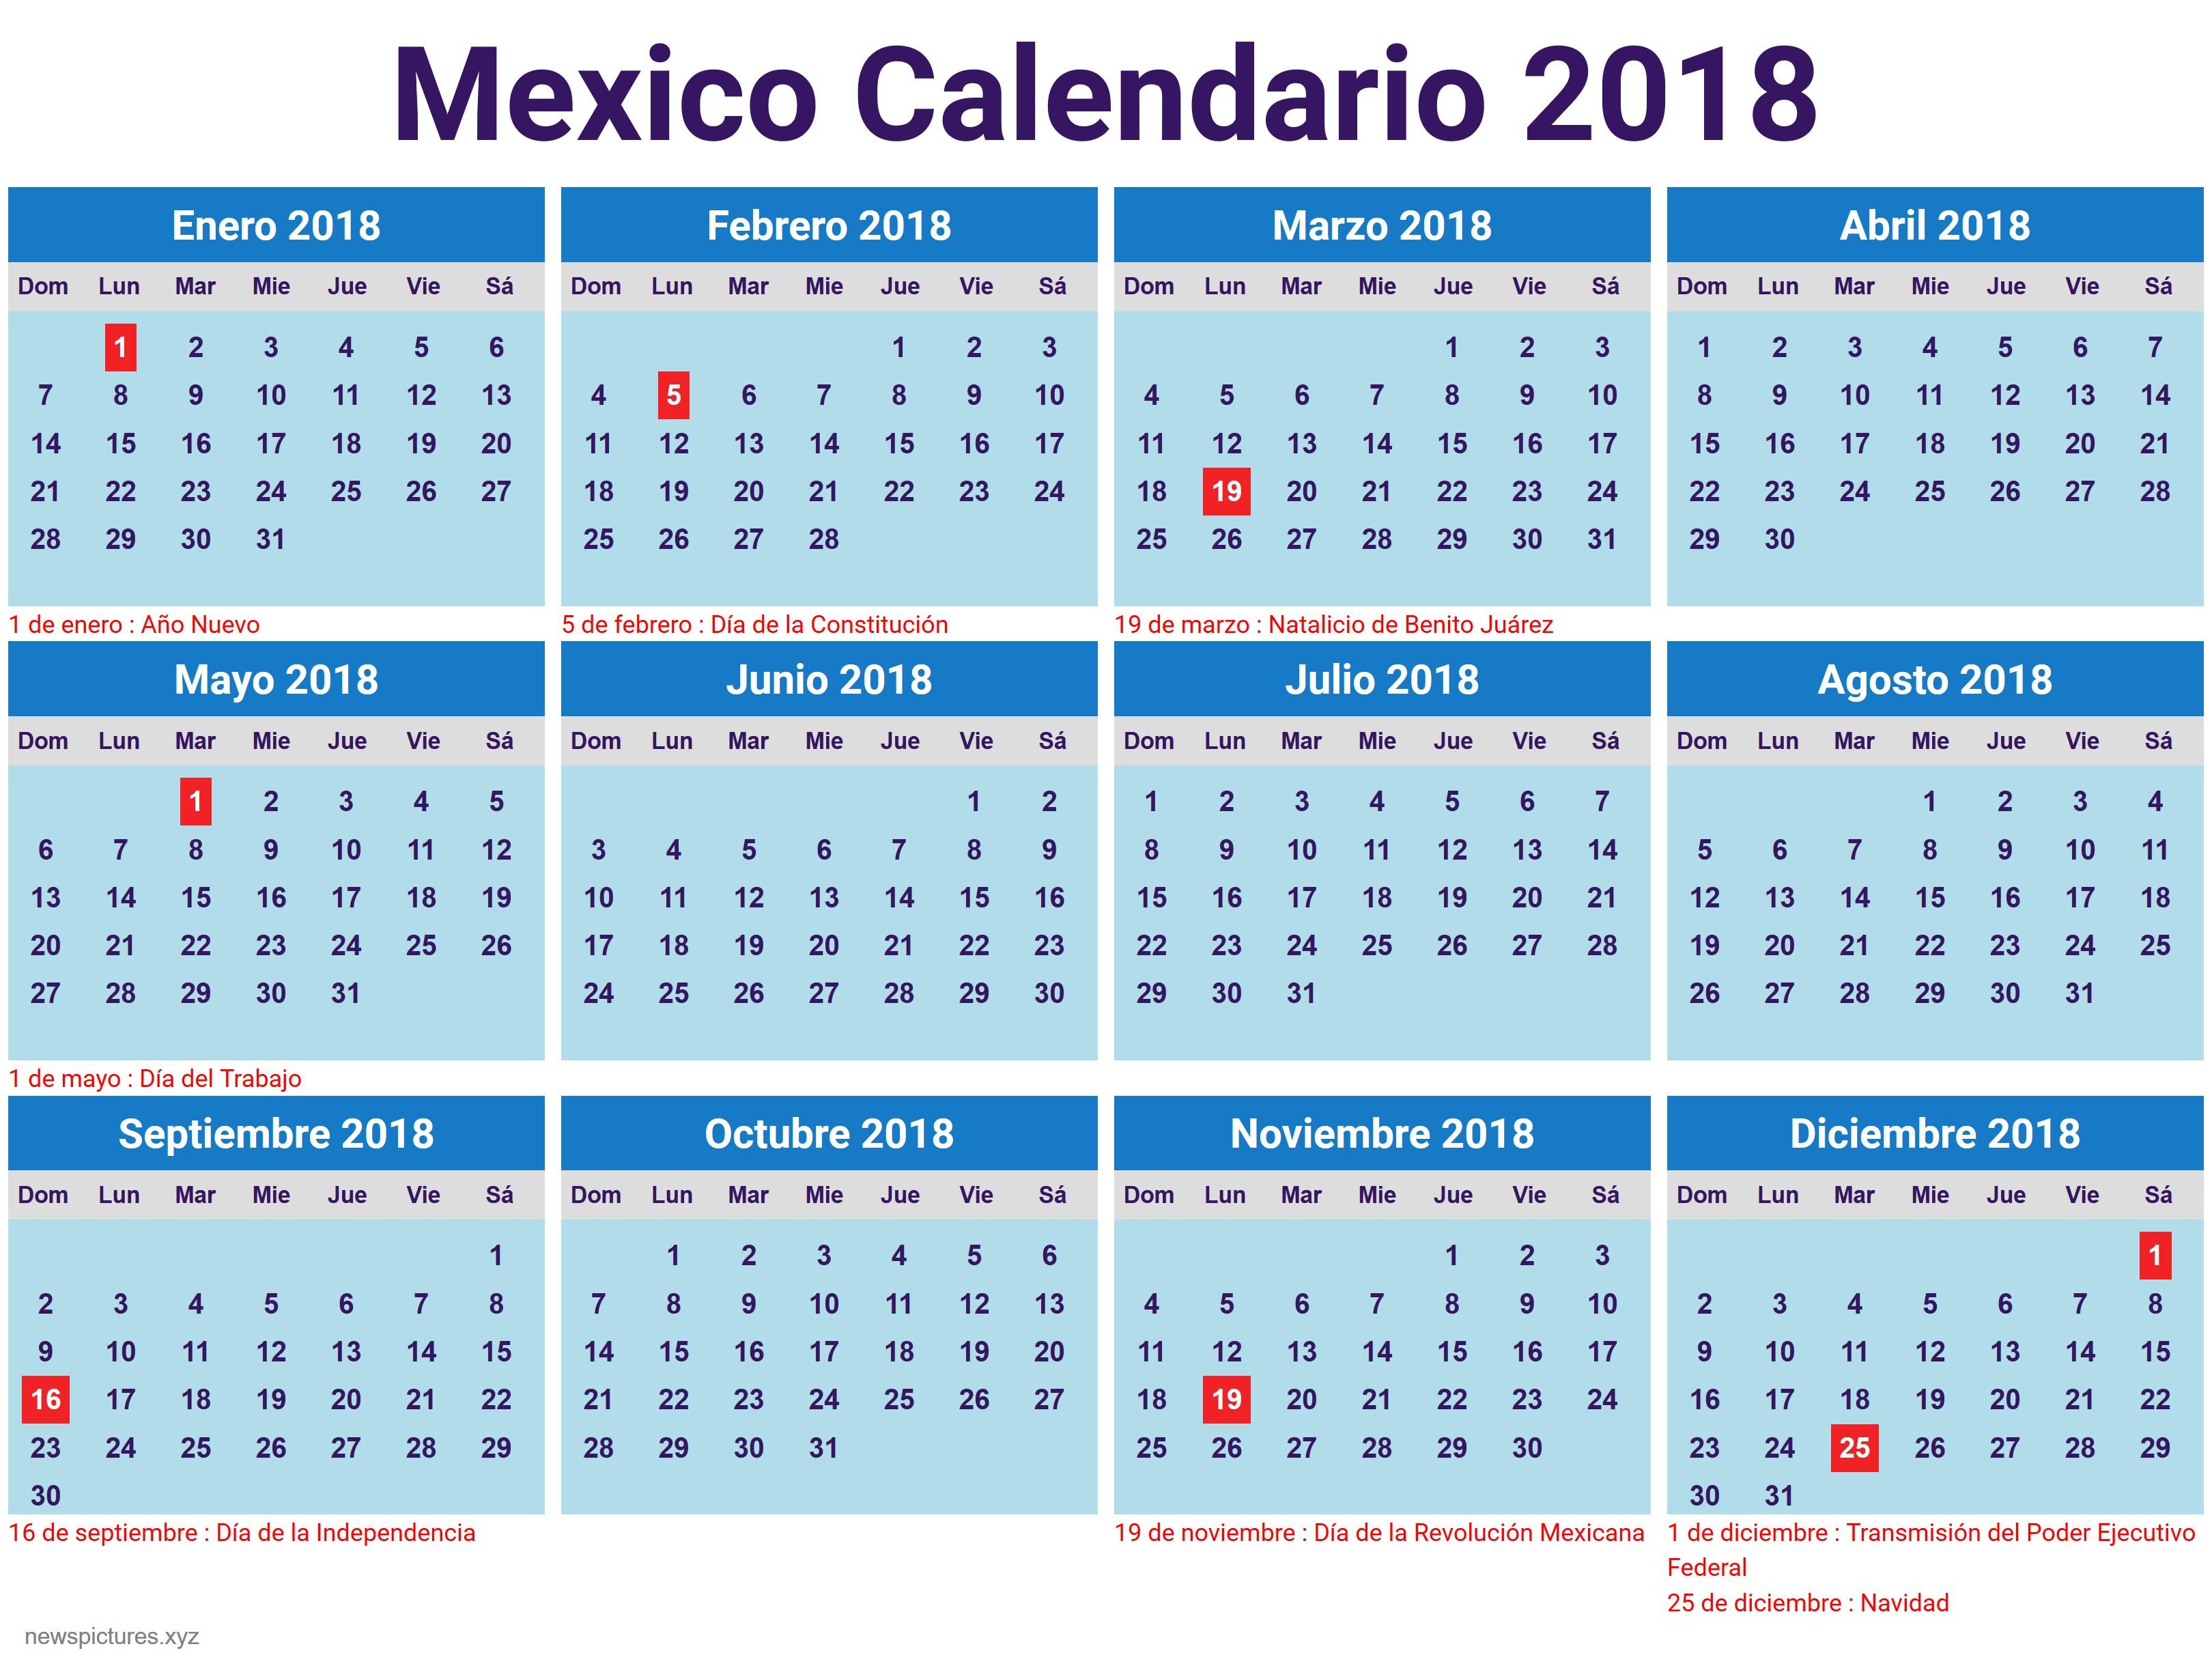 Calendario Abril 2019 Para Imprimir Excel Más Recientes Calendario 2018 En Excel Of Calendario Abril 2019 Para Imprimir Excel Más Recientemente Liberado Calendario Laboral De 2018 Calendarios Ideal Das Festivos